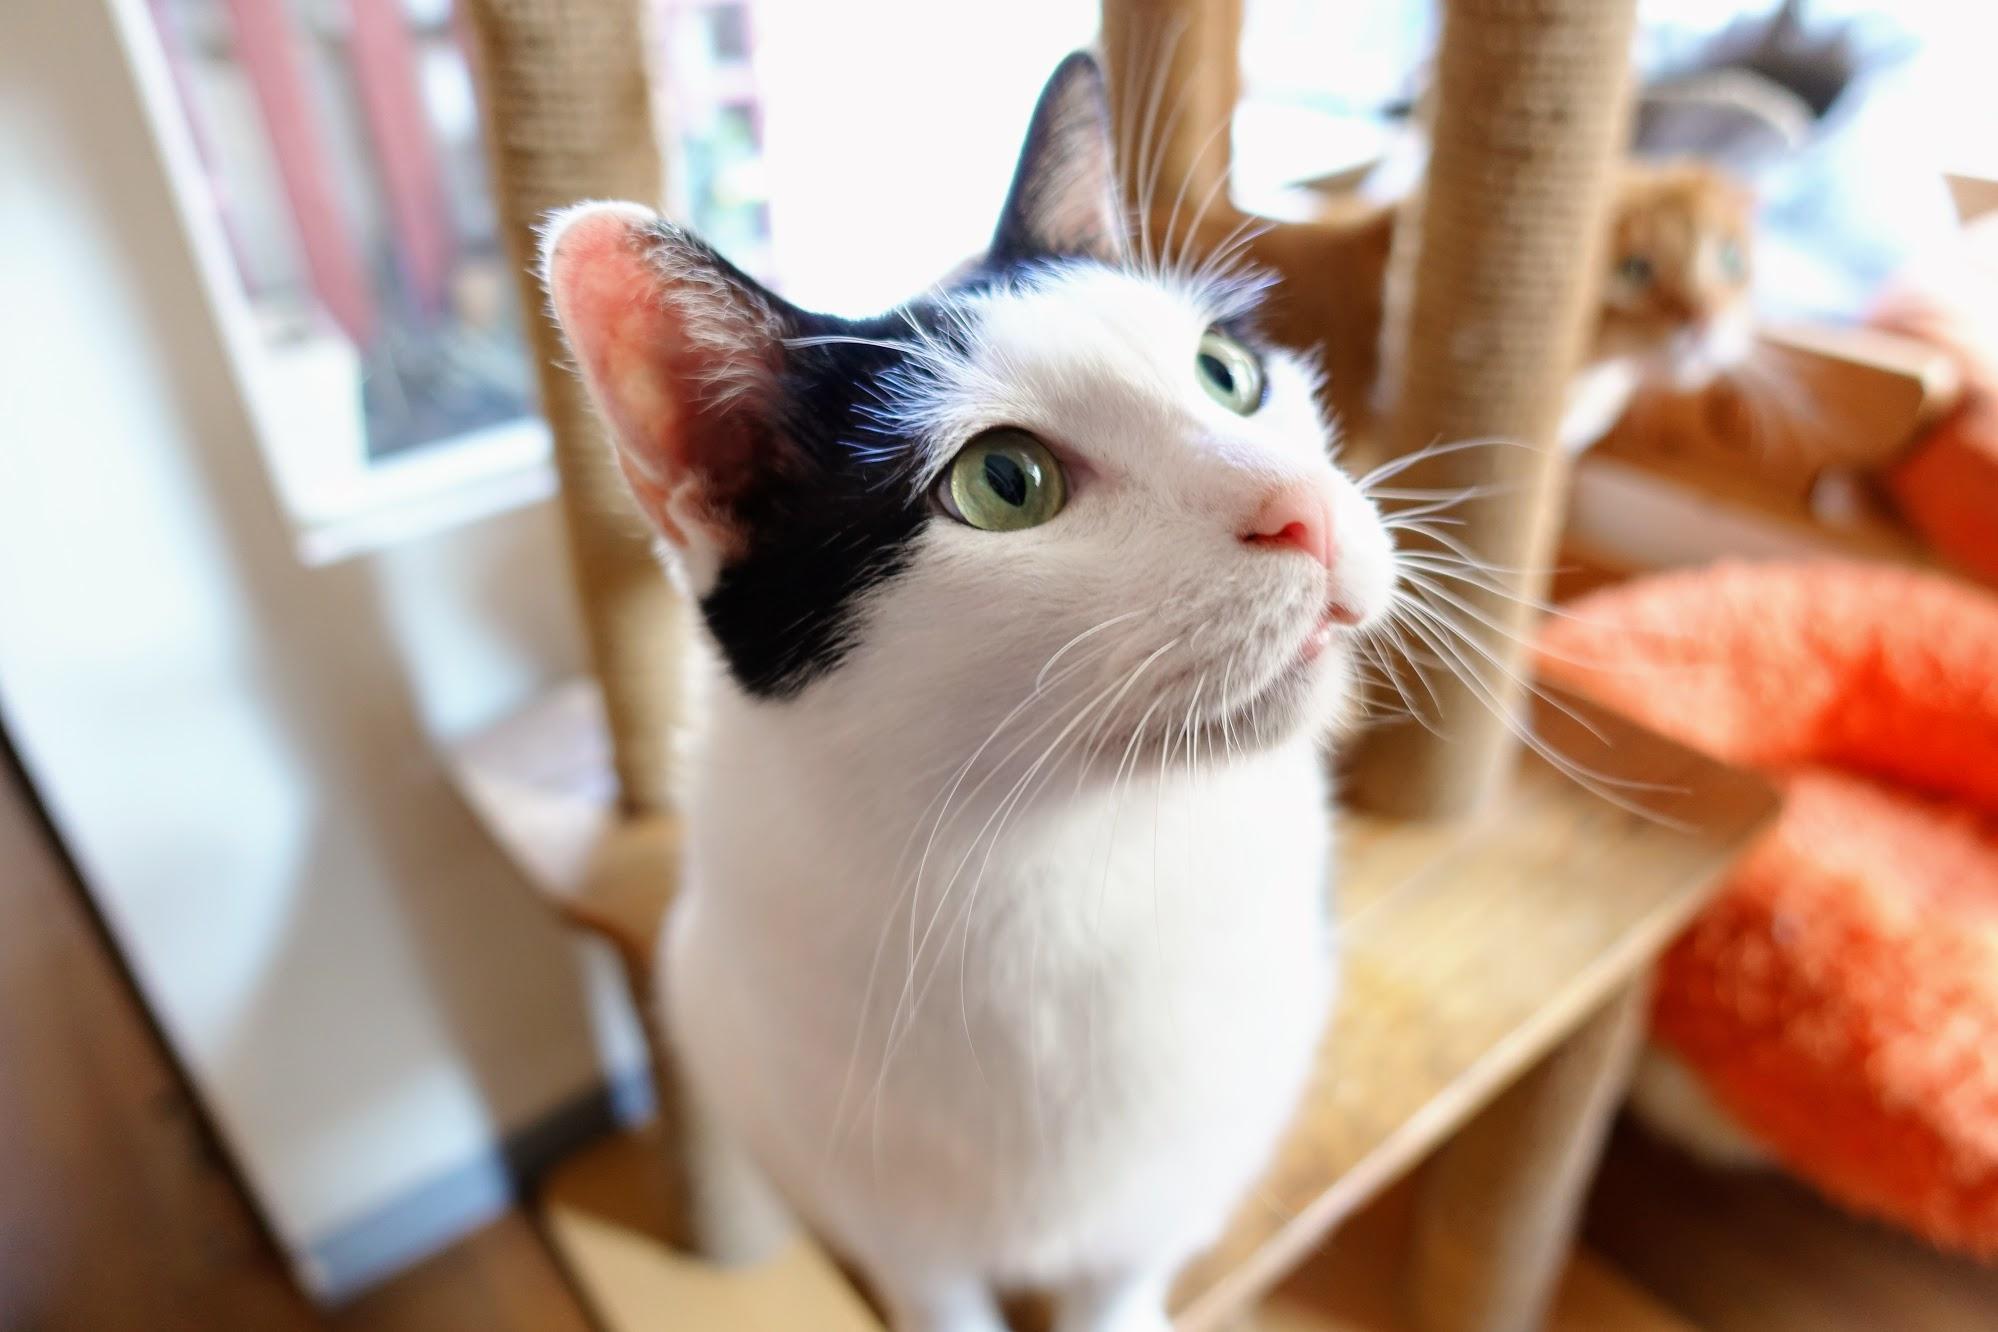 台南-貓咪咖啡館-(AT) Cats&Tea 茶飲輕食